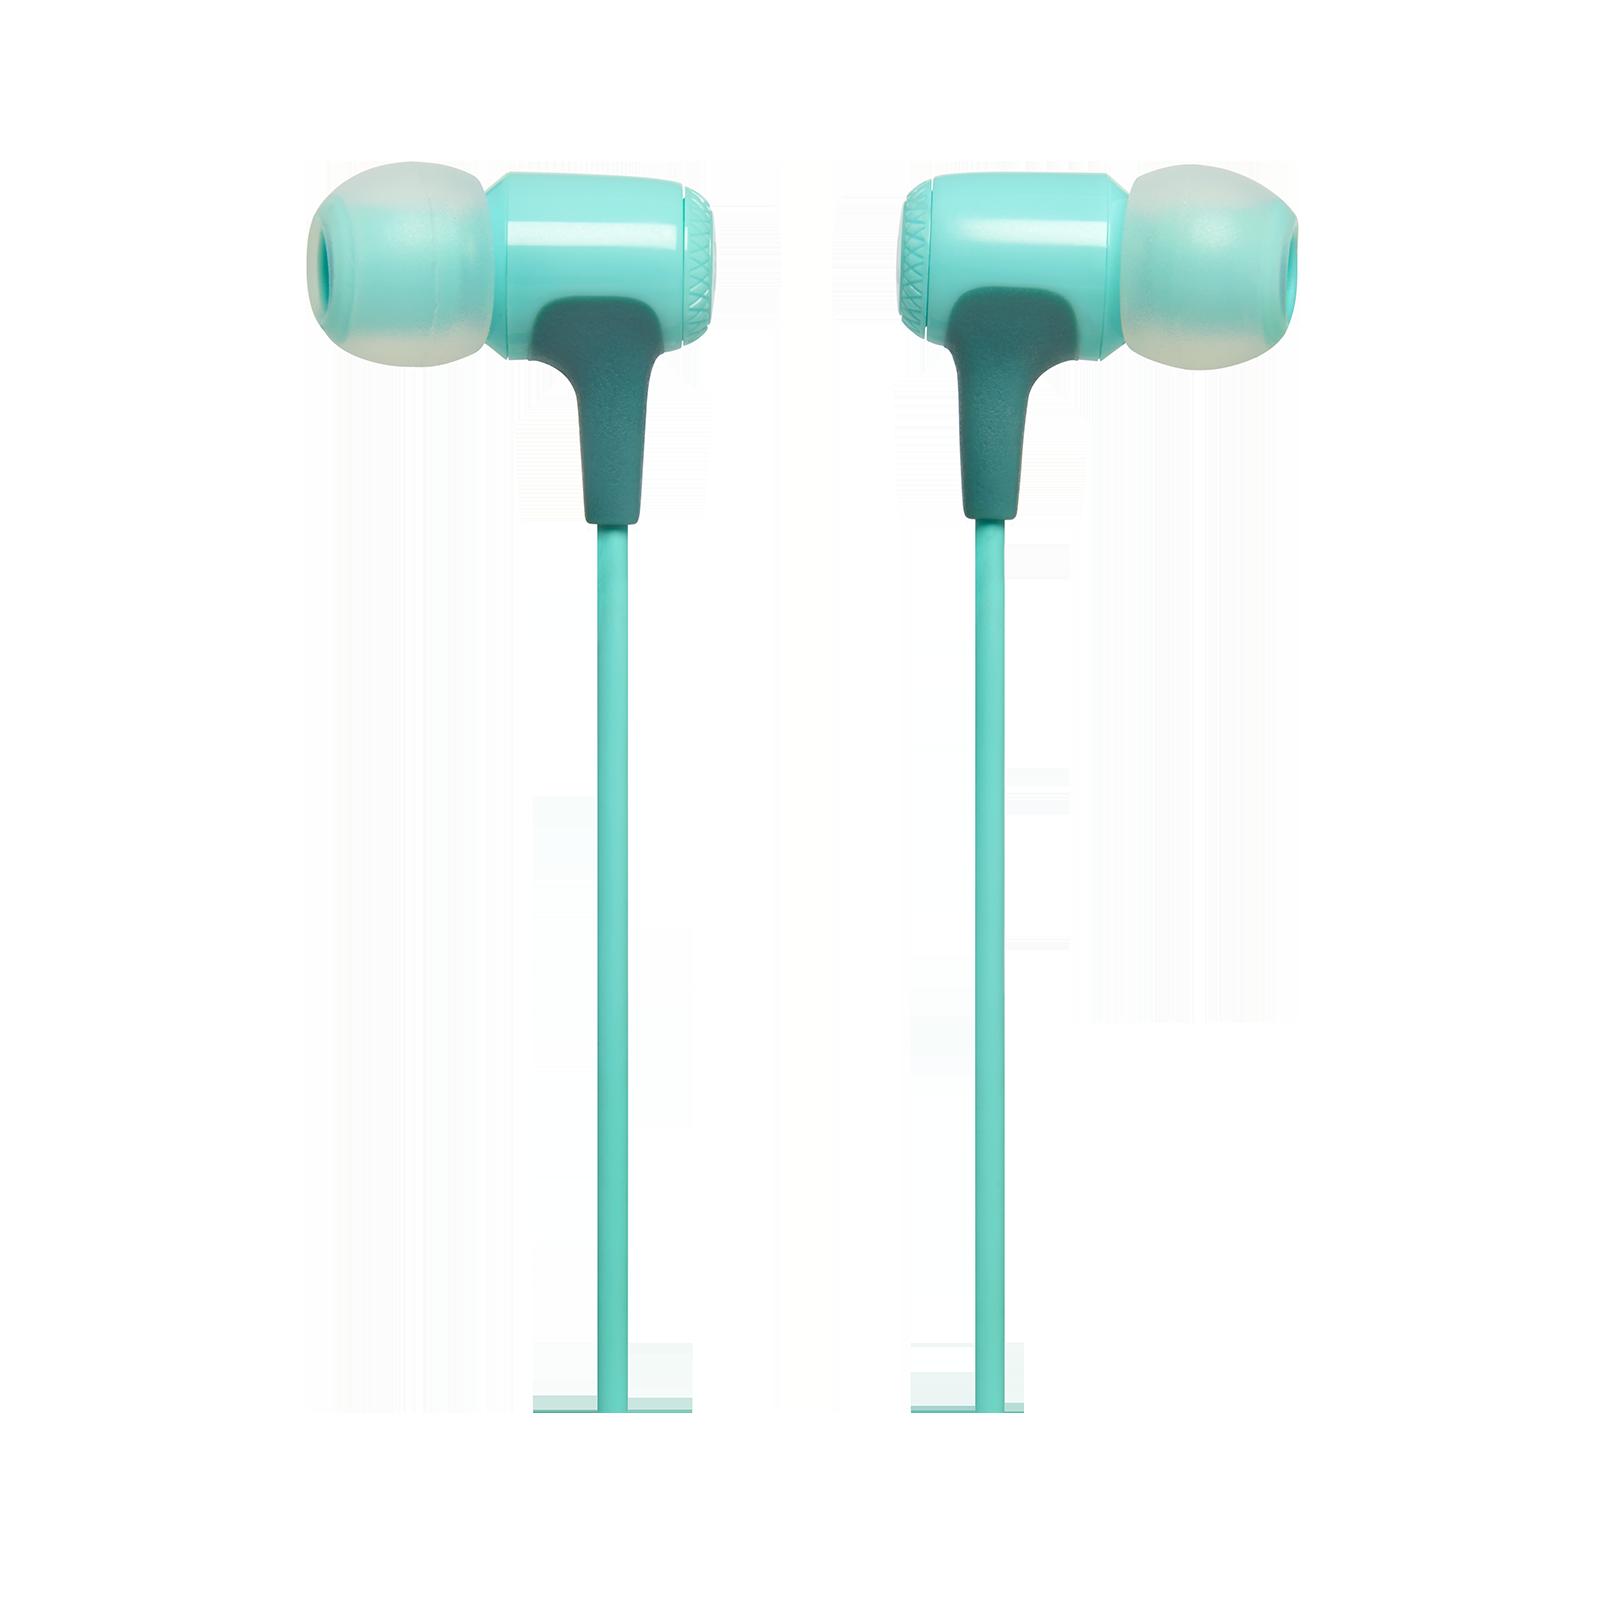 E15 - Teal - In-ear headphones - Detailshot 1